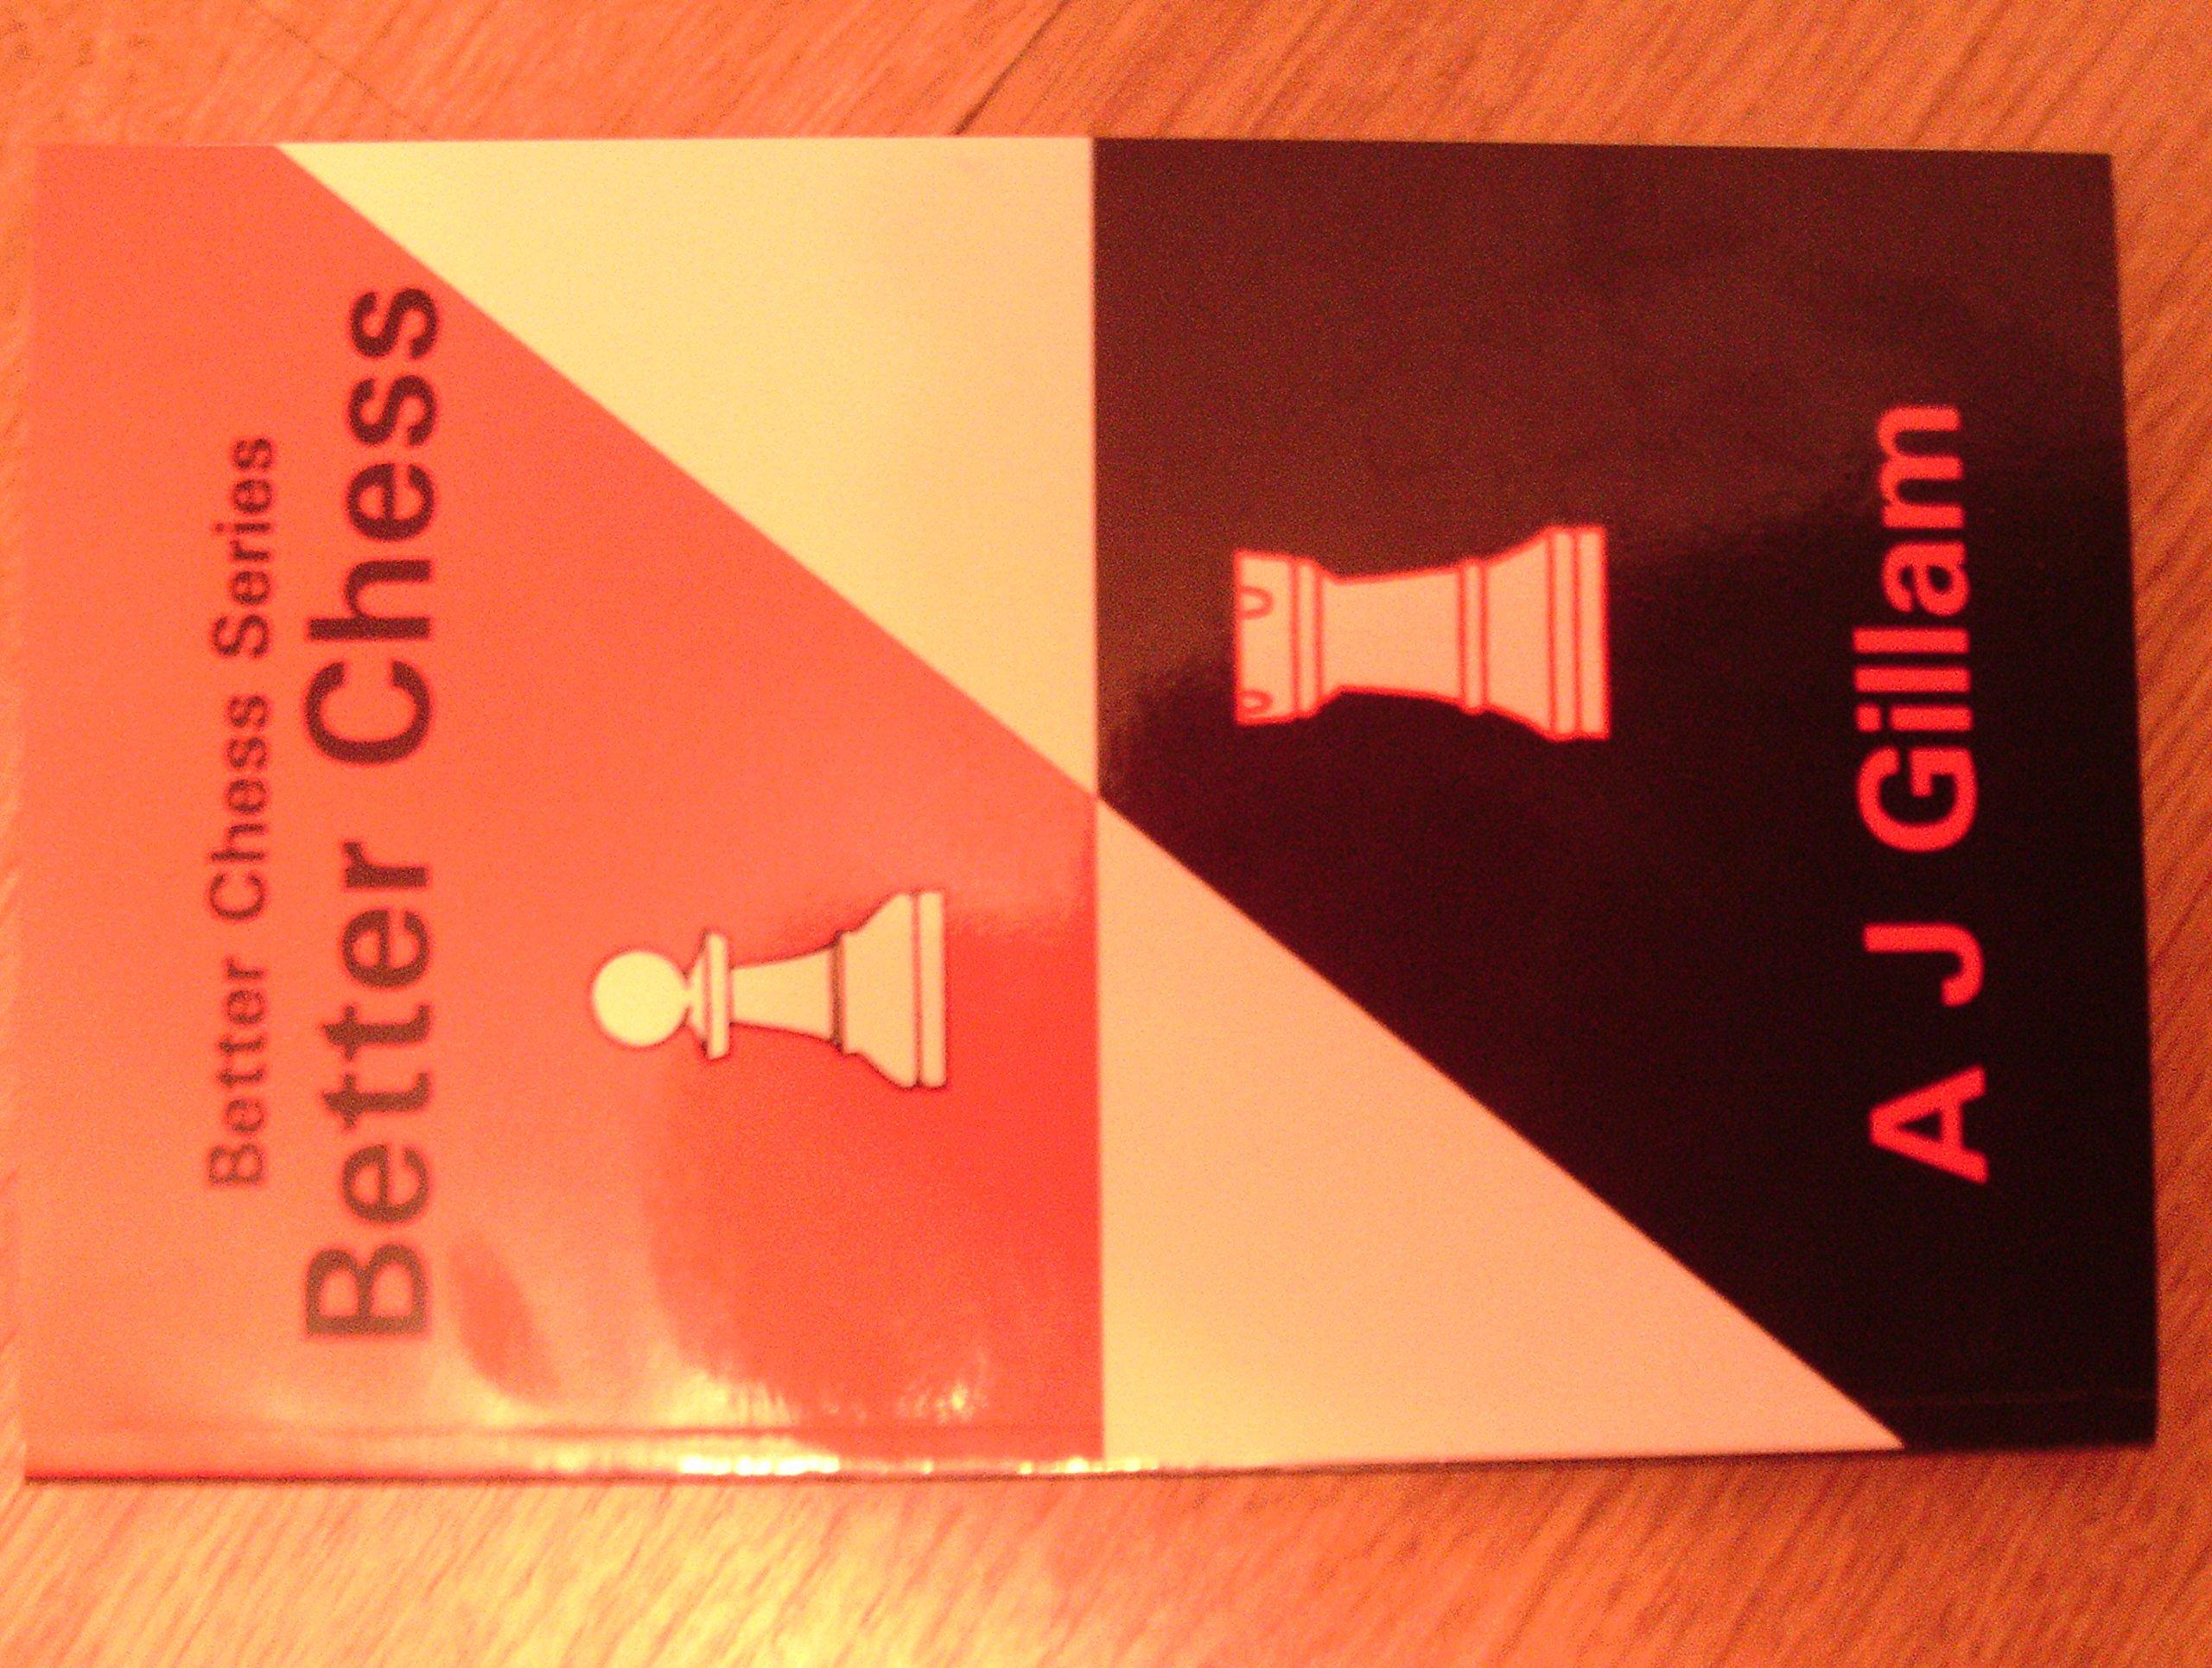 Better Chess, A. J. Gillam